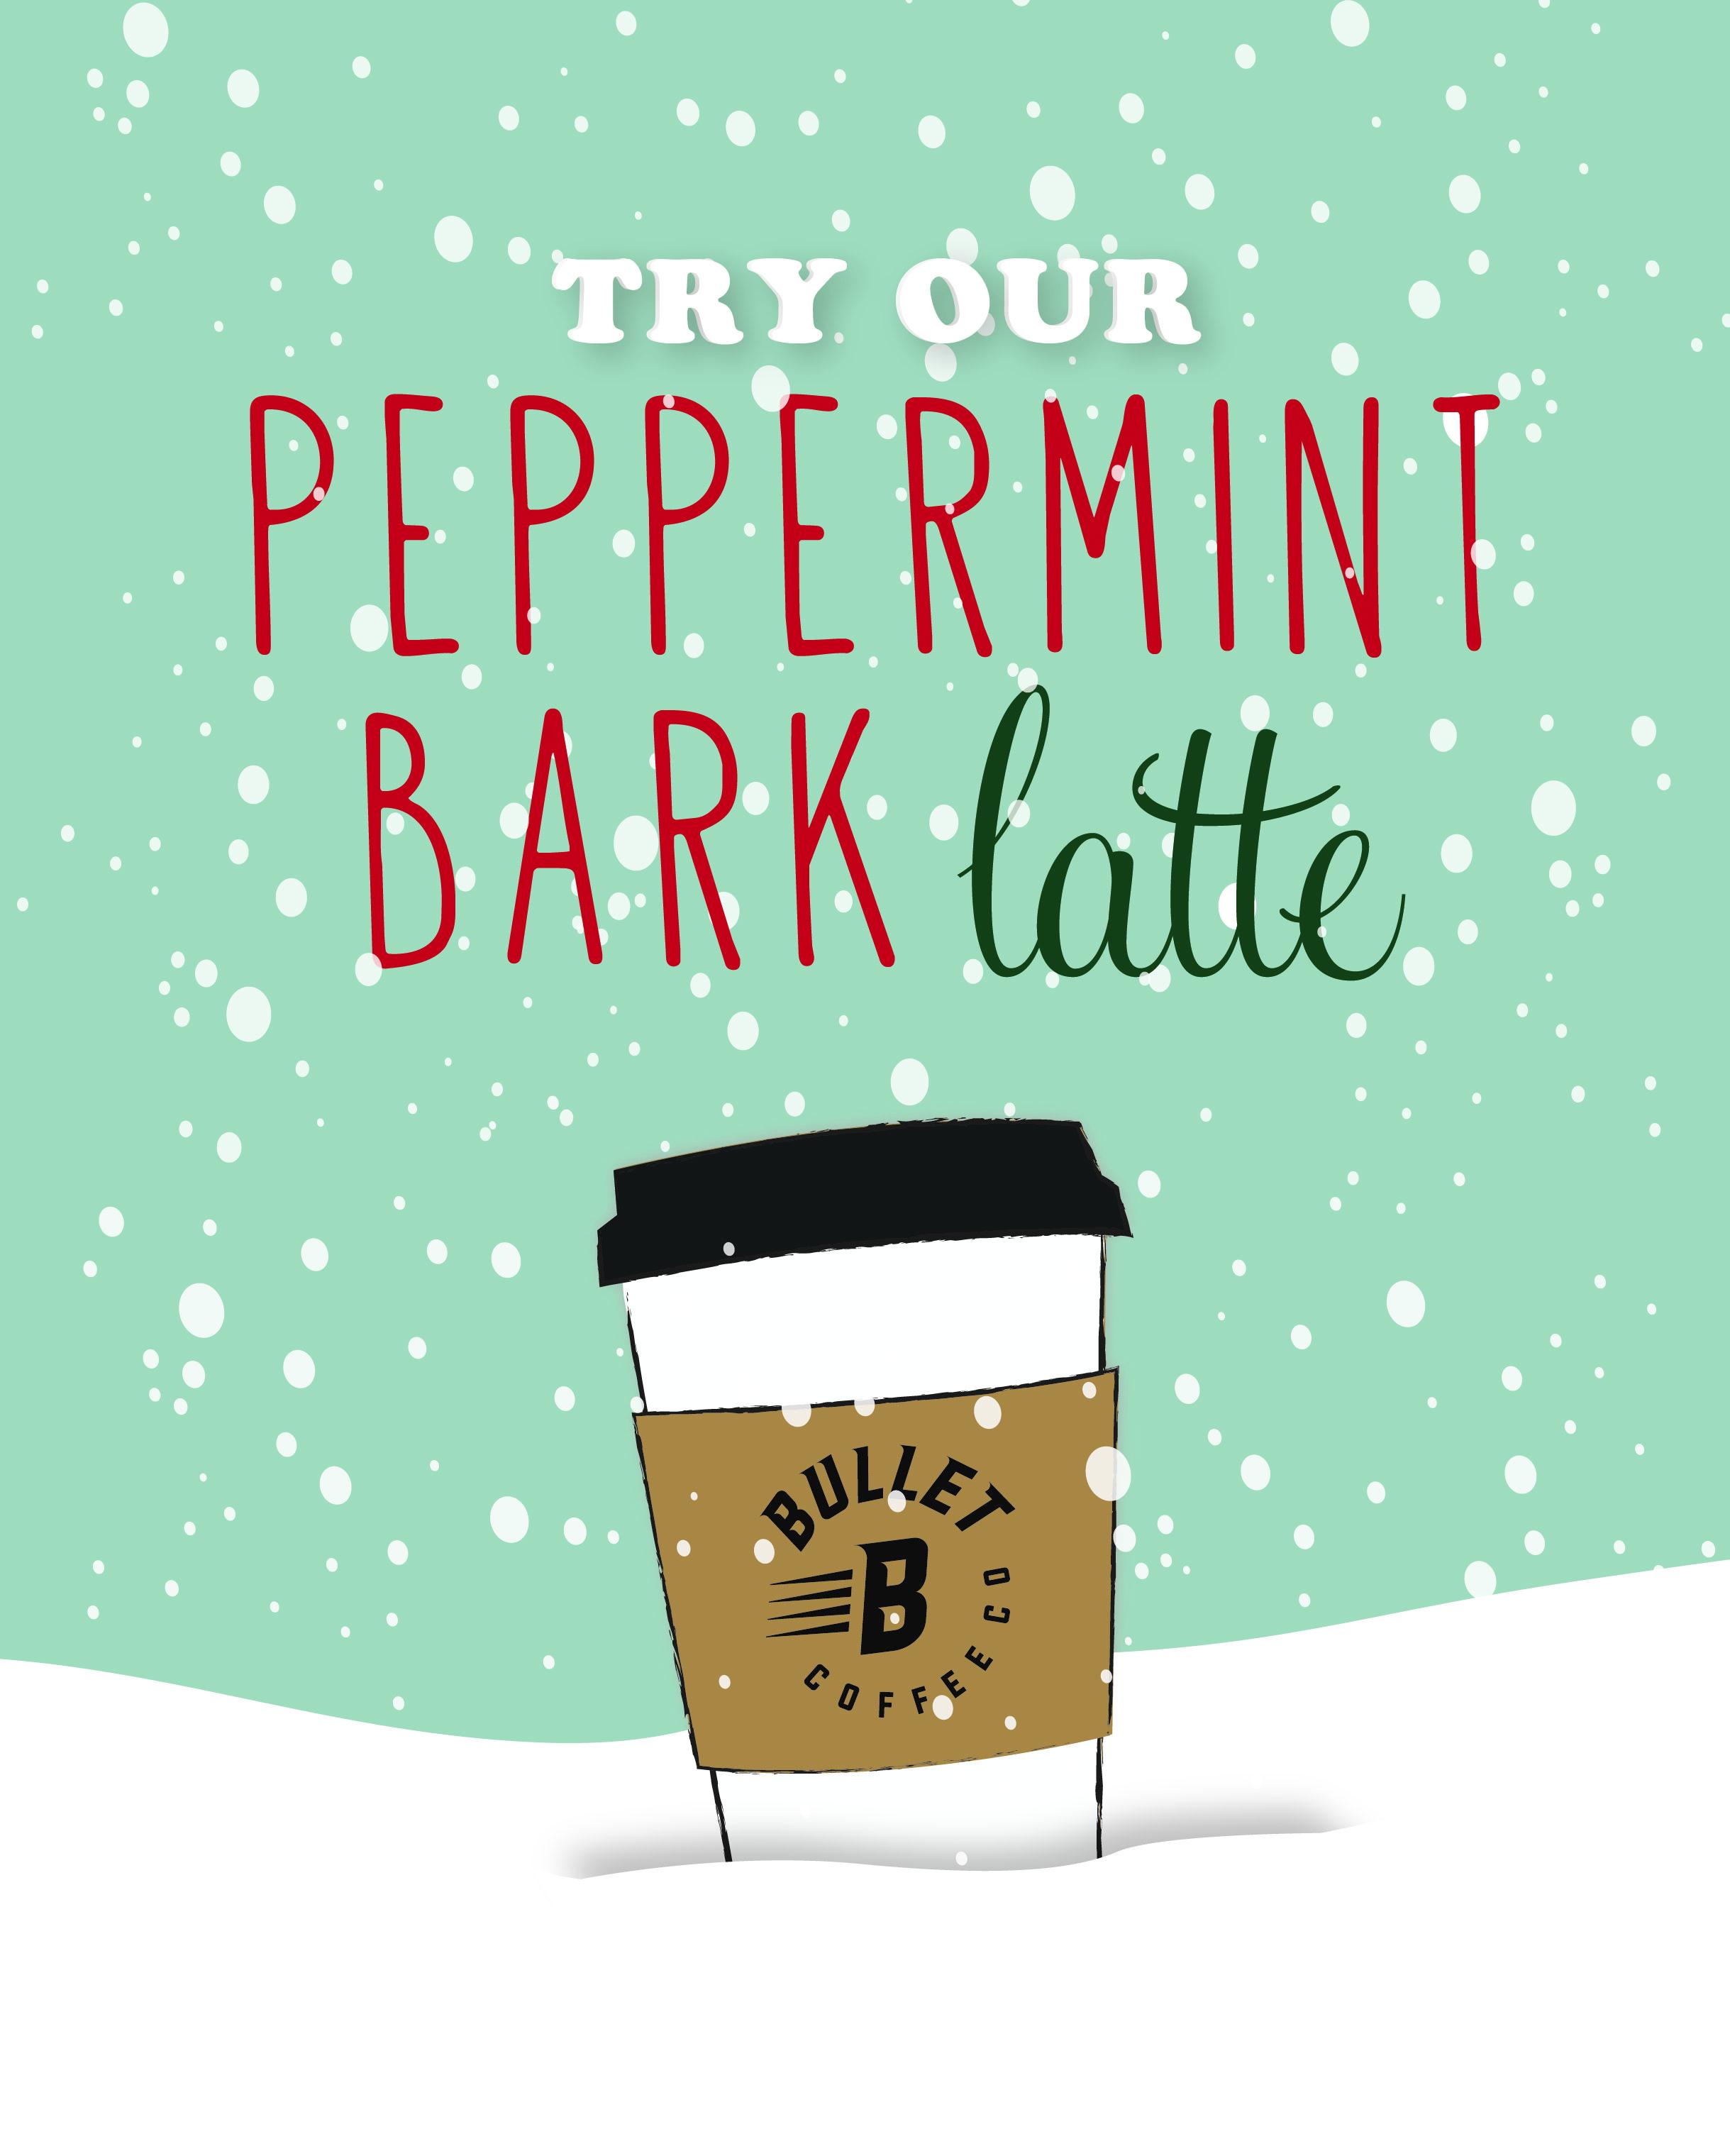 peppermint bark latte poster_BULLET-01.jpg